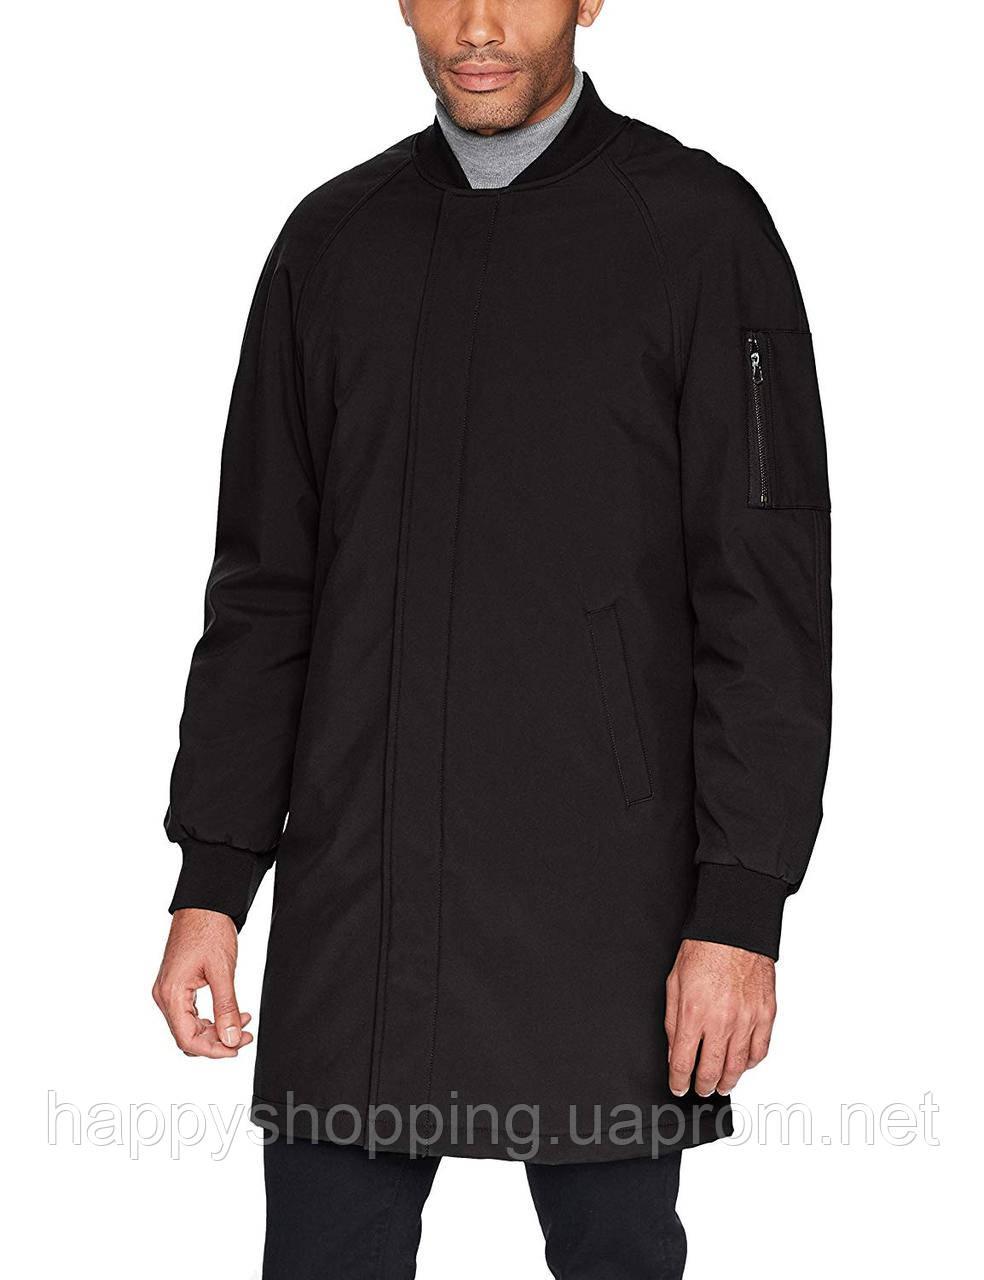 Мужской черный водоотталкивающий плащ пальто удлиненный бомбер  DKNY